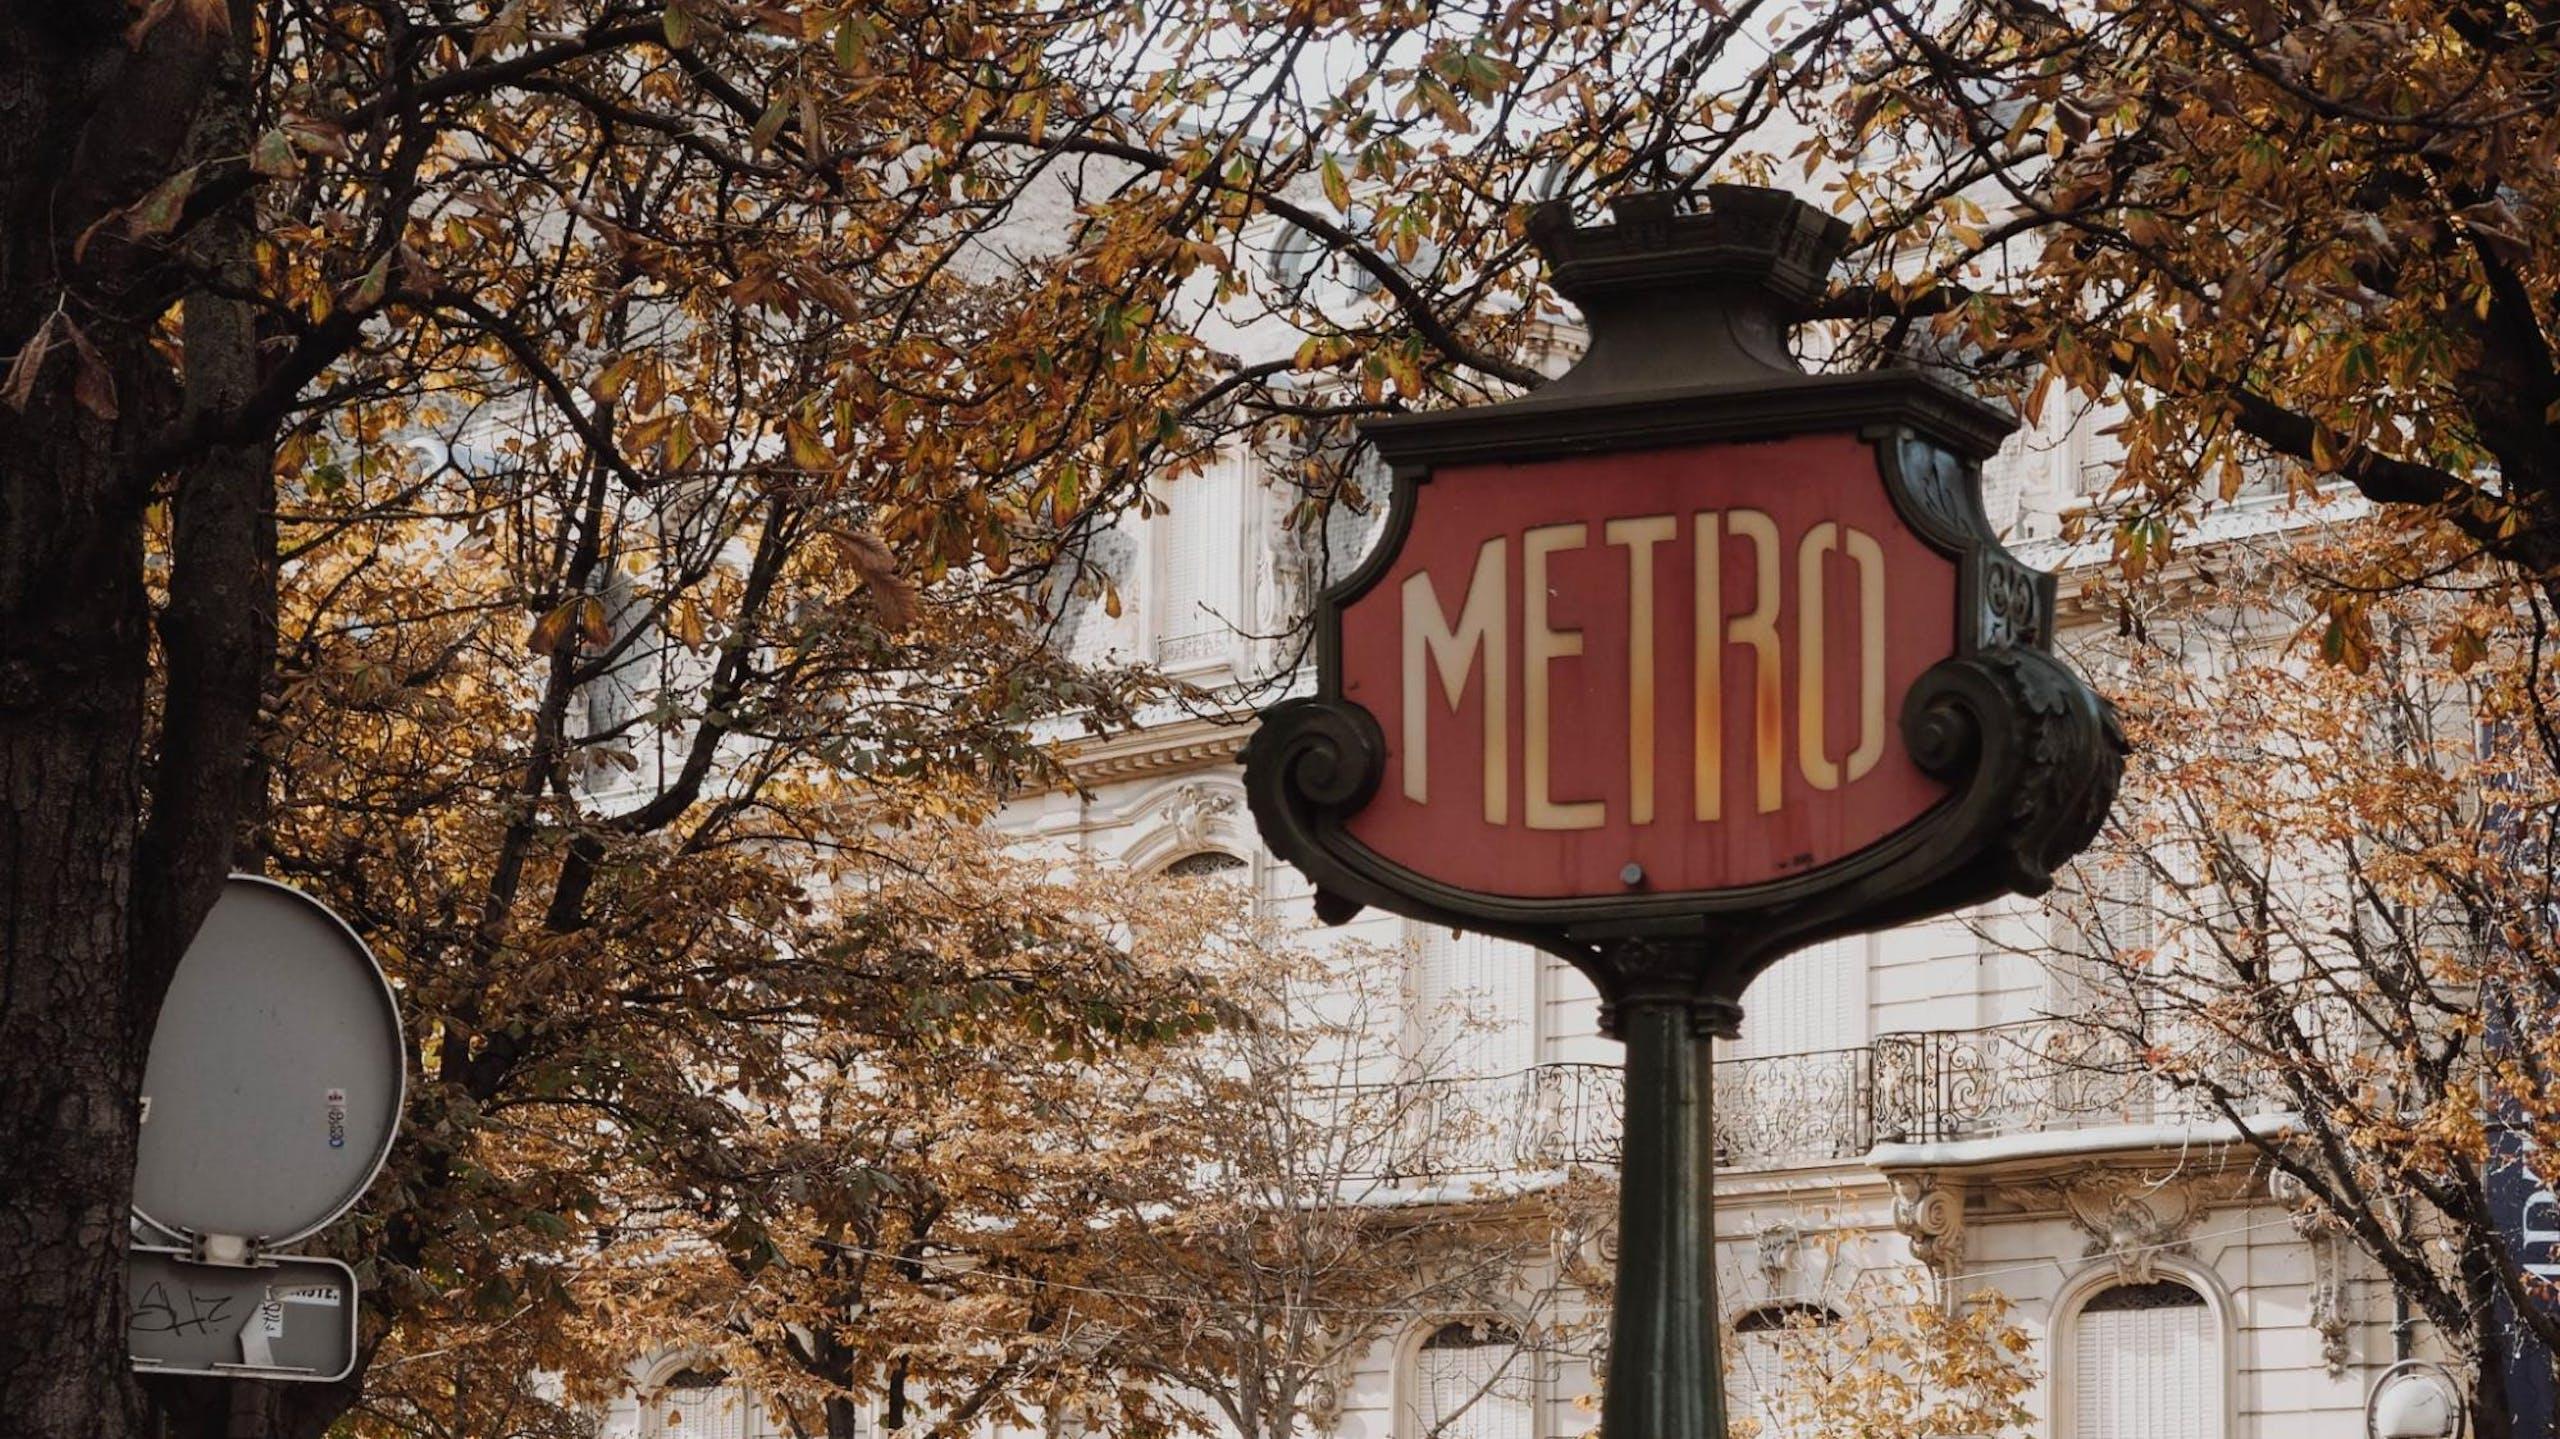 panneau metro parisien